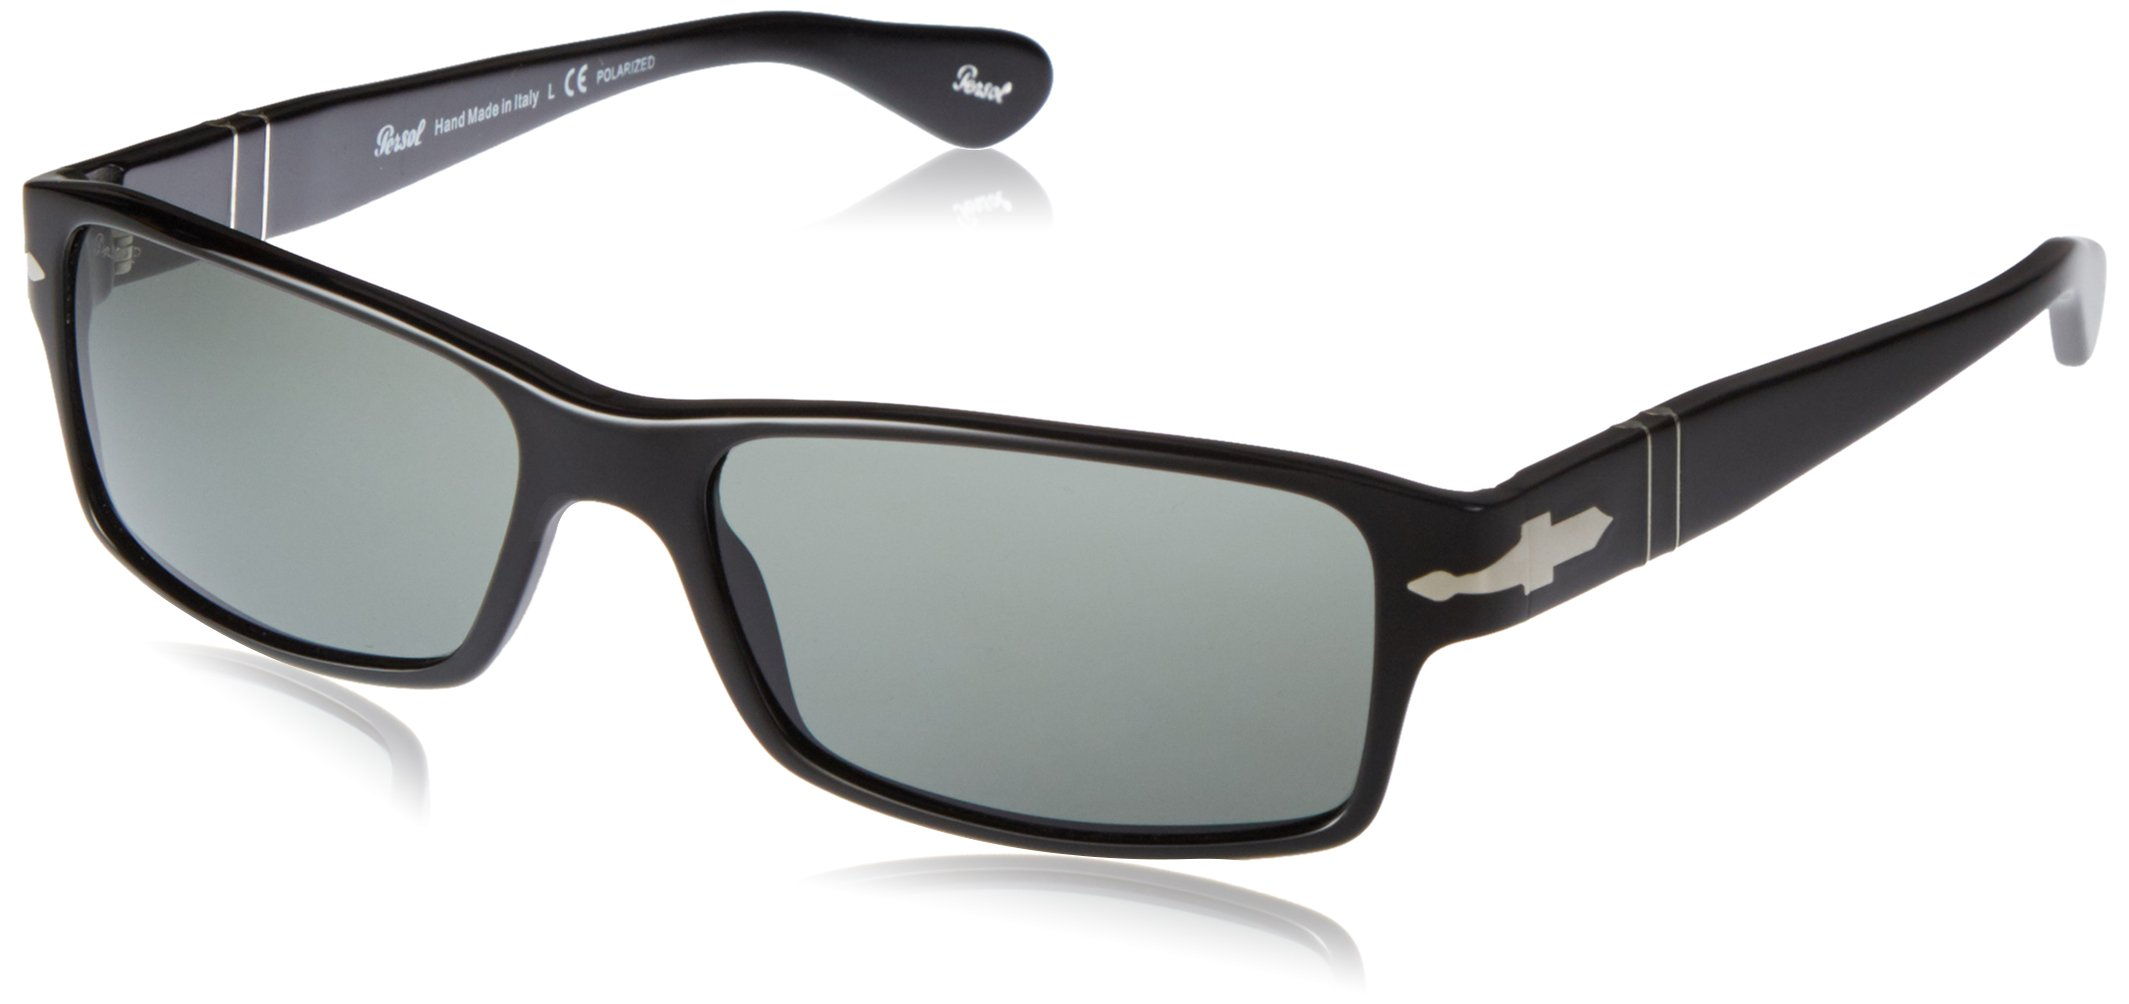 4ca621b3766ce Persol PO2747S 95 48 Sunglasses